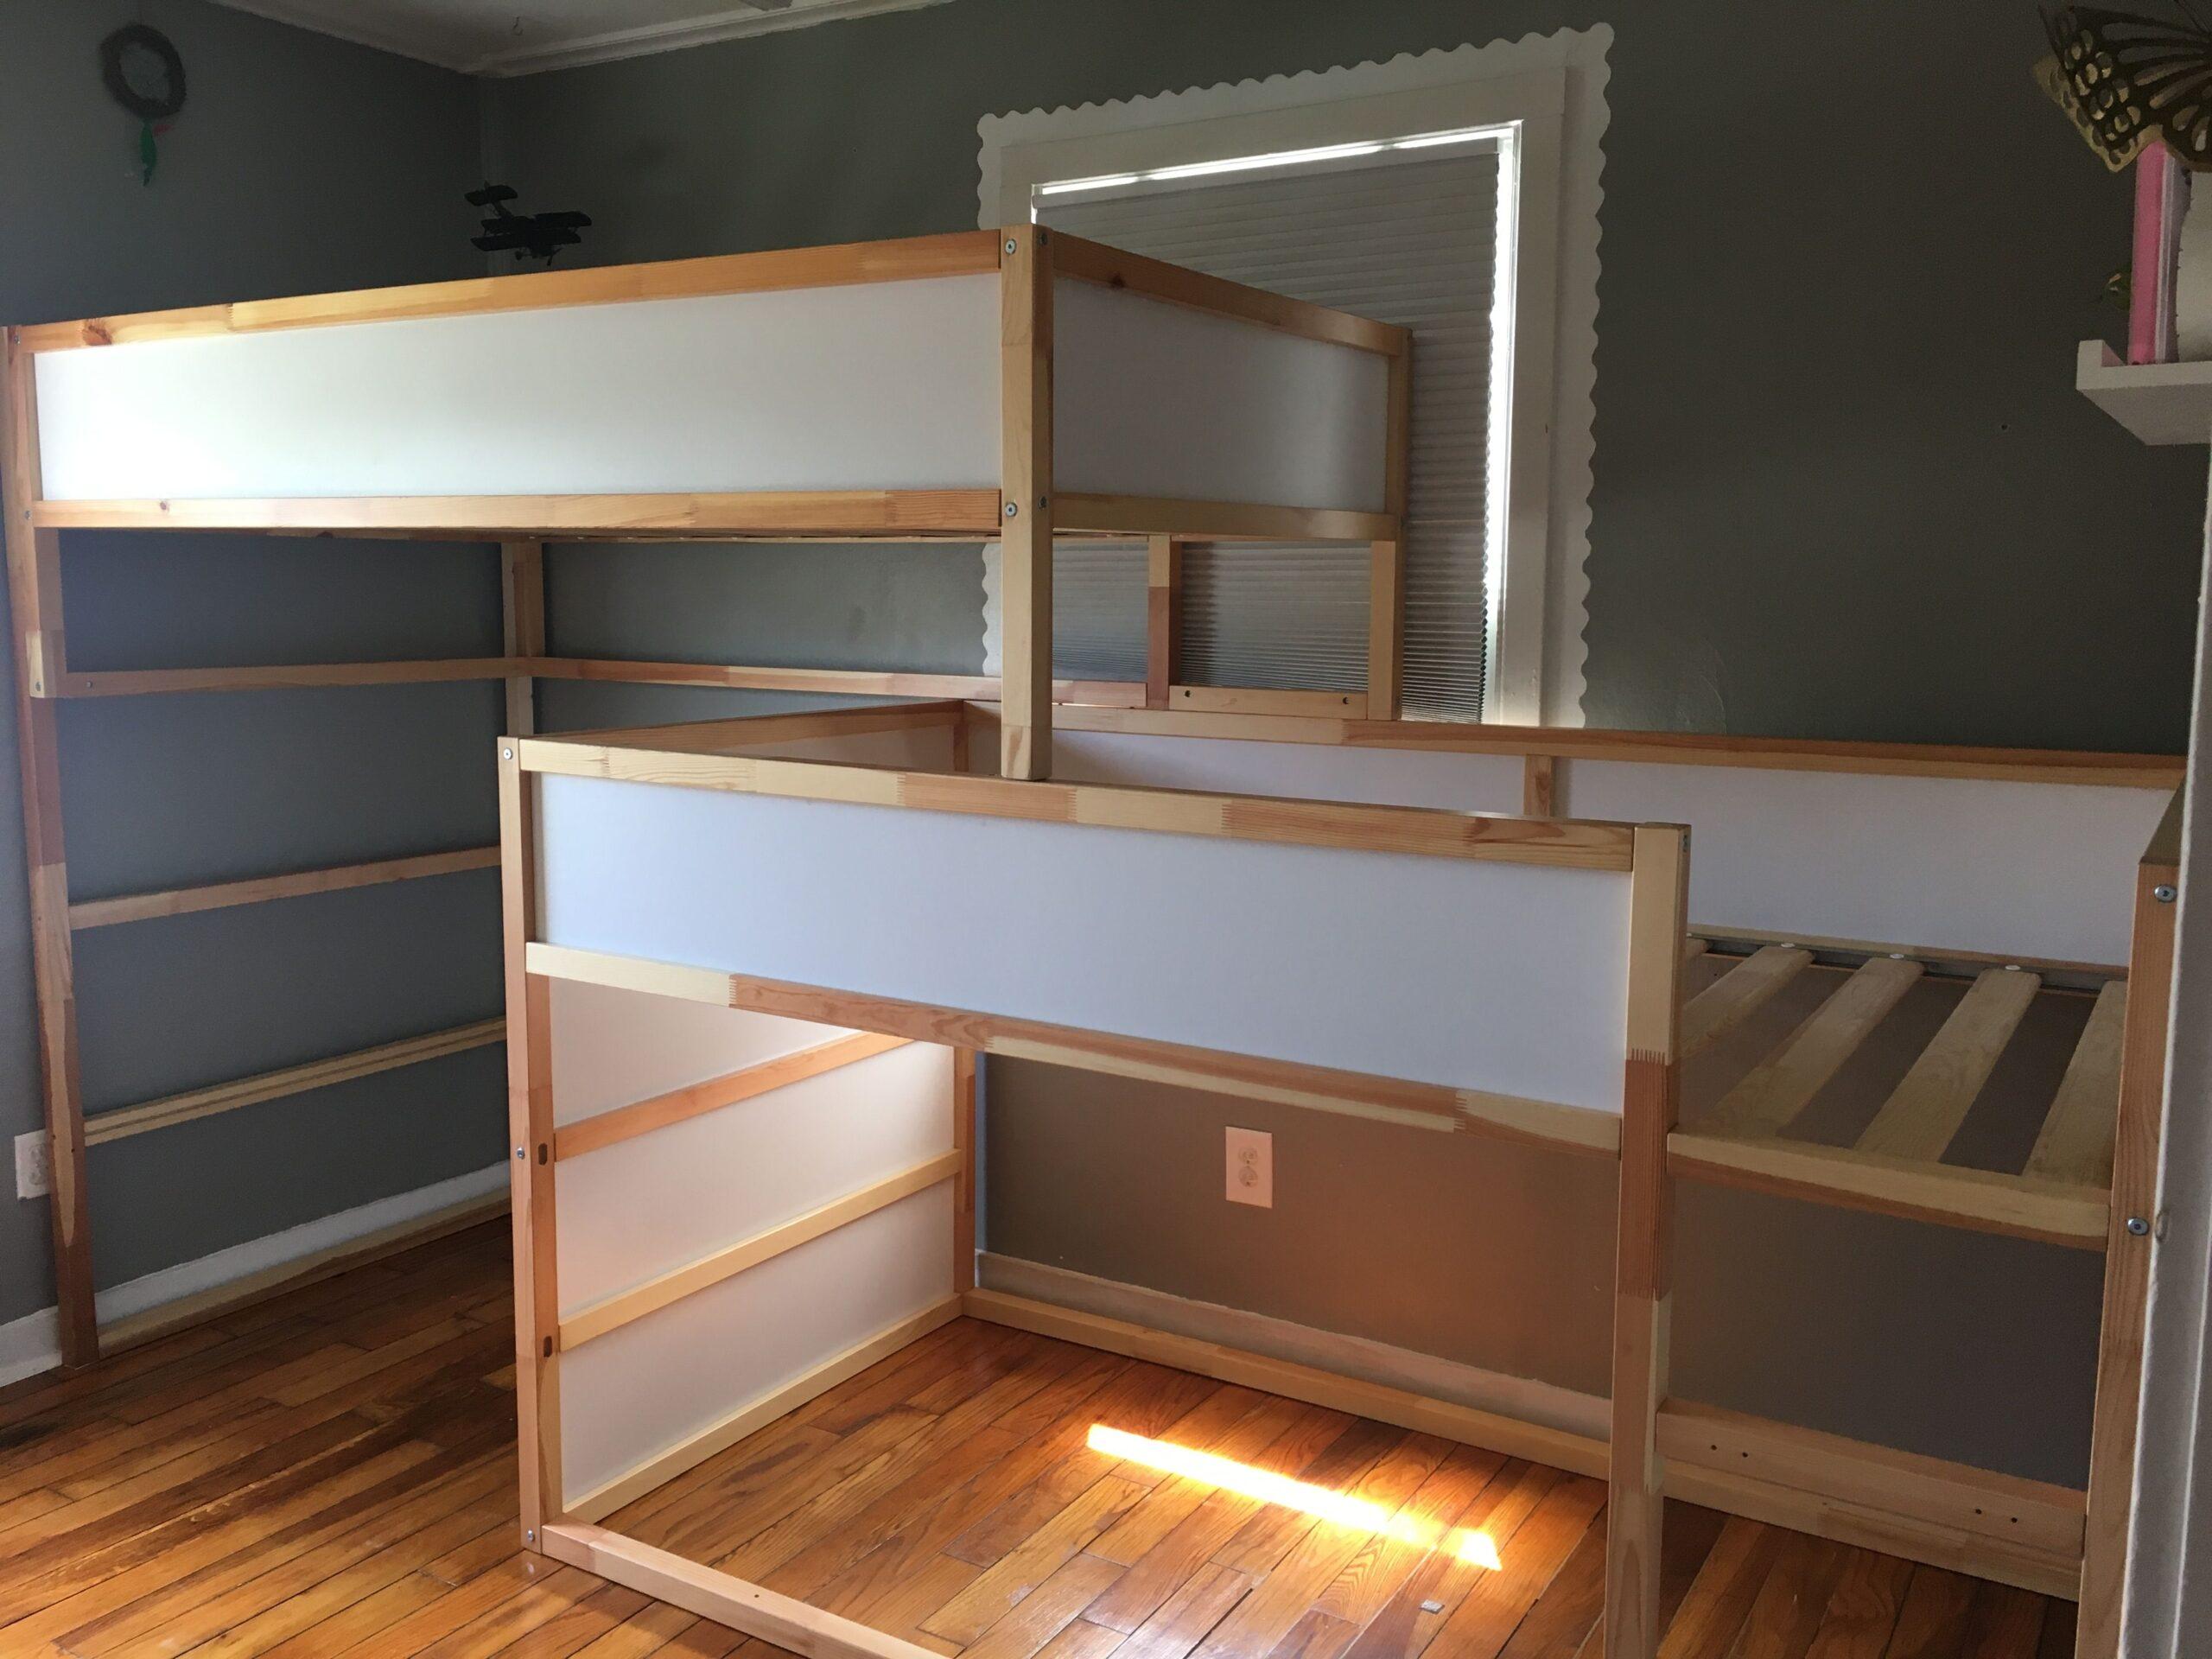 Full Size of Kura Hack Ikea Double Bed Bunk Instructions Storage Floor Montessori 2 Beds House Hacks Pinterest Triple Diy Wohnzimmer Kura Hack